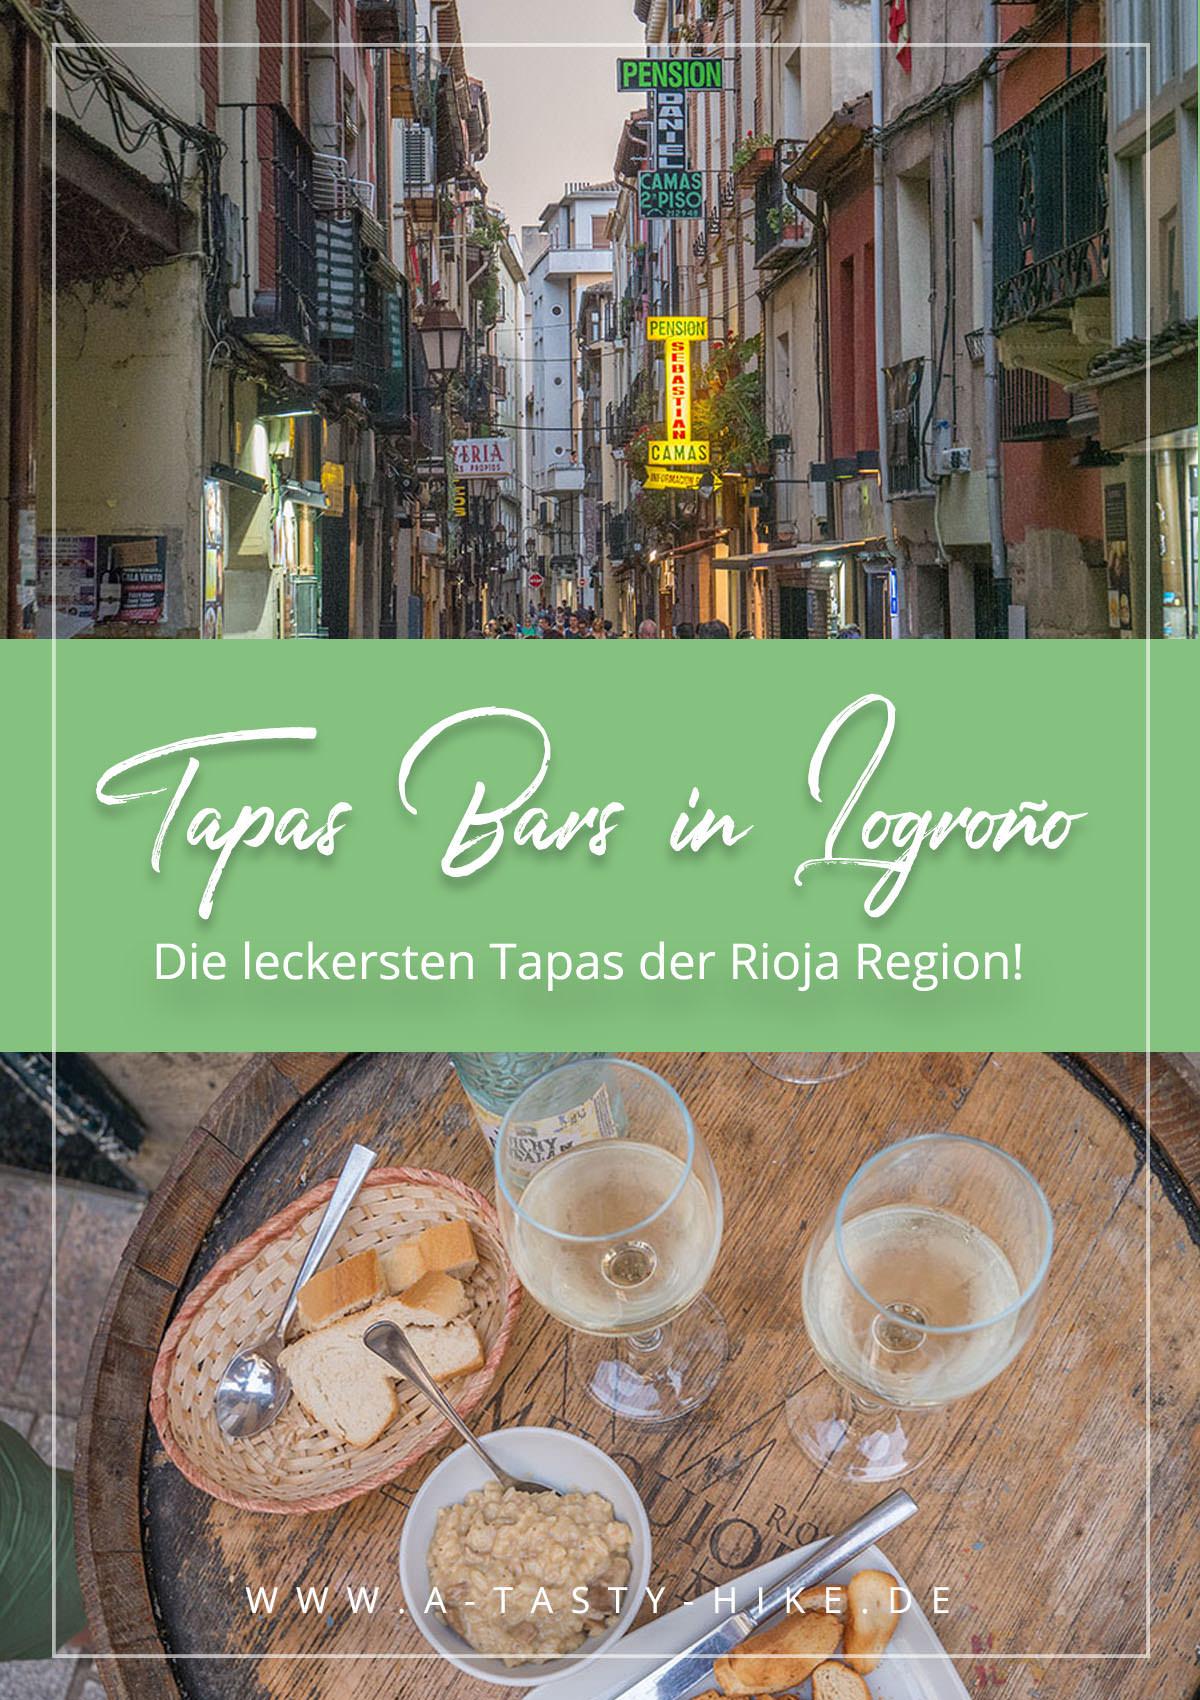 Wer viel wandert darf auch viel genießen! - Die 4 besten Tapas Bars in Logroño im Herzen Riojas